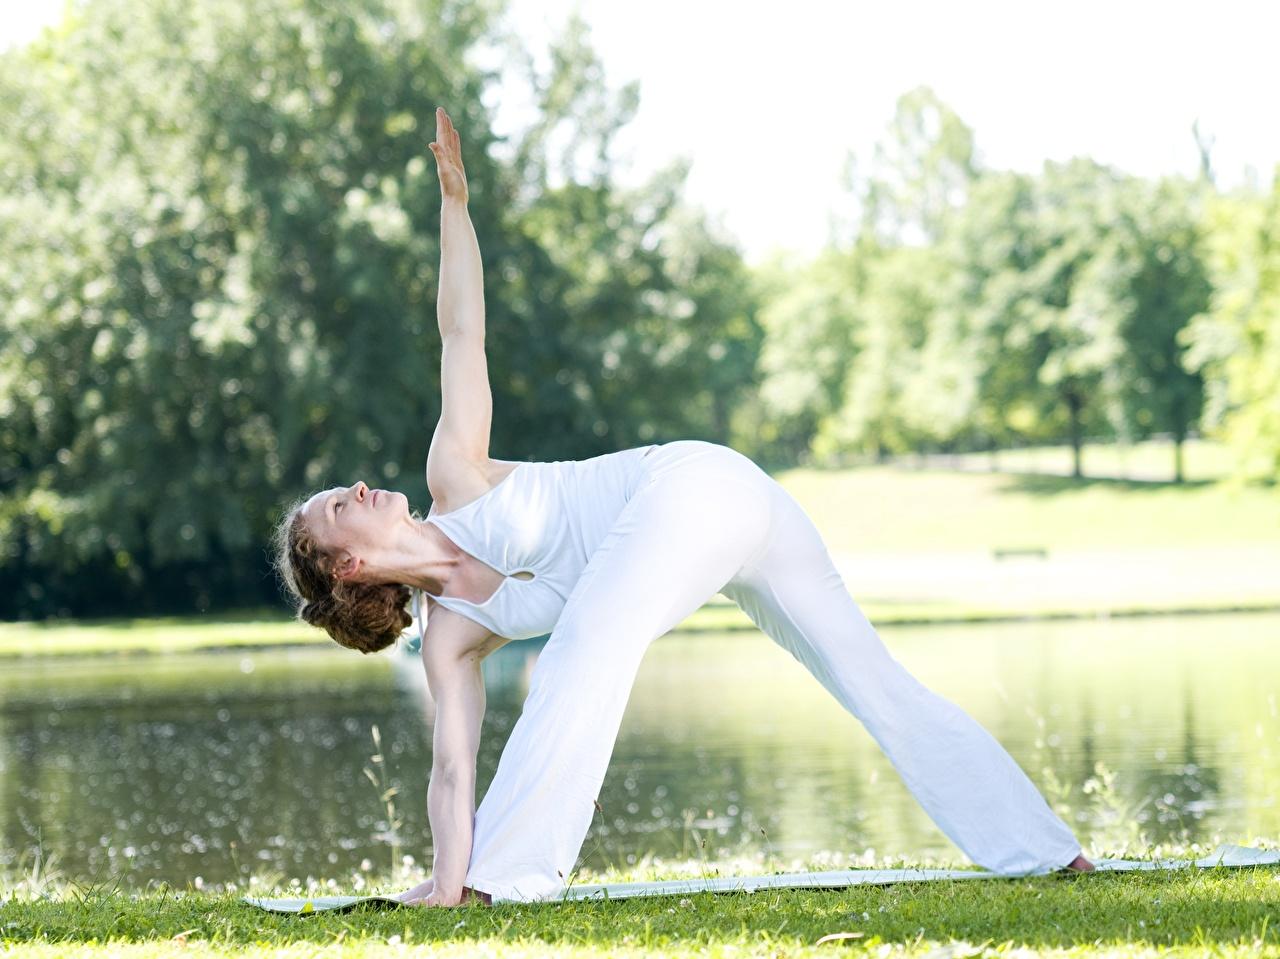 Картинки Шатенка йогой тренируется Поза Фитнес девушка ног Руки Трава шатенки Йога Тренировка физическое упражнение позирует Девушки молодая женщина молодые женщины Ноги рука траве